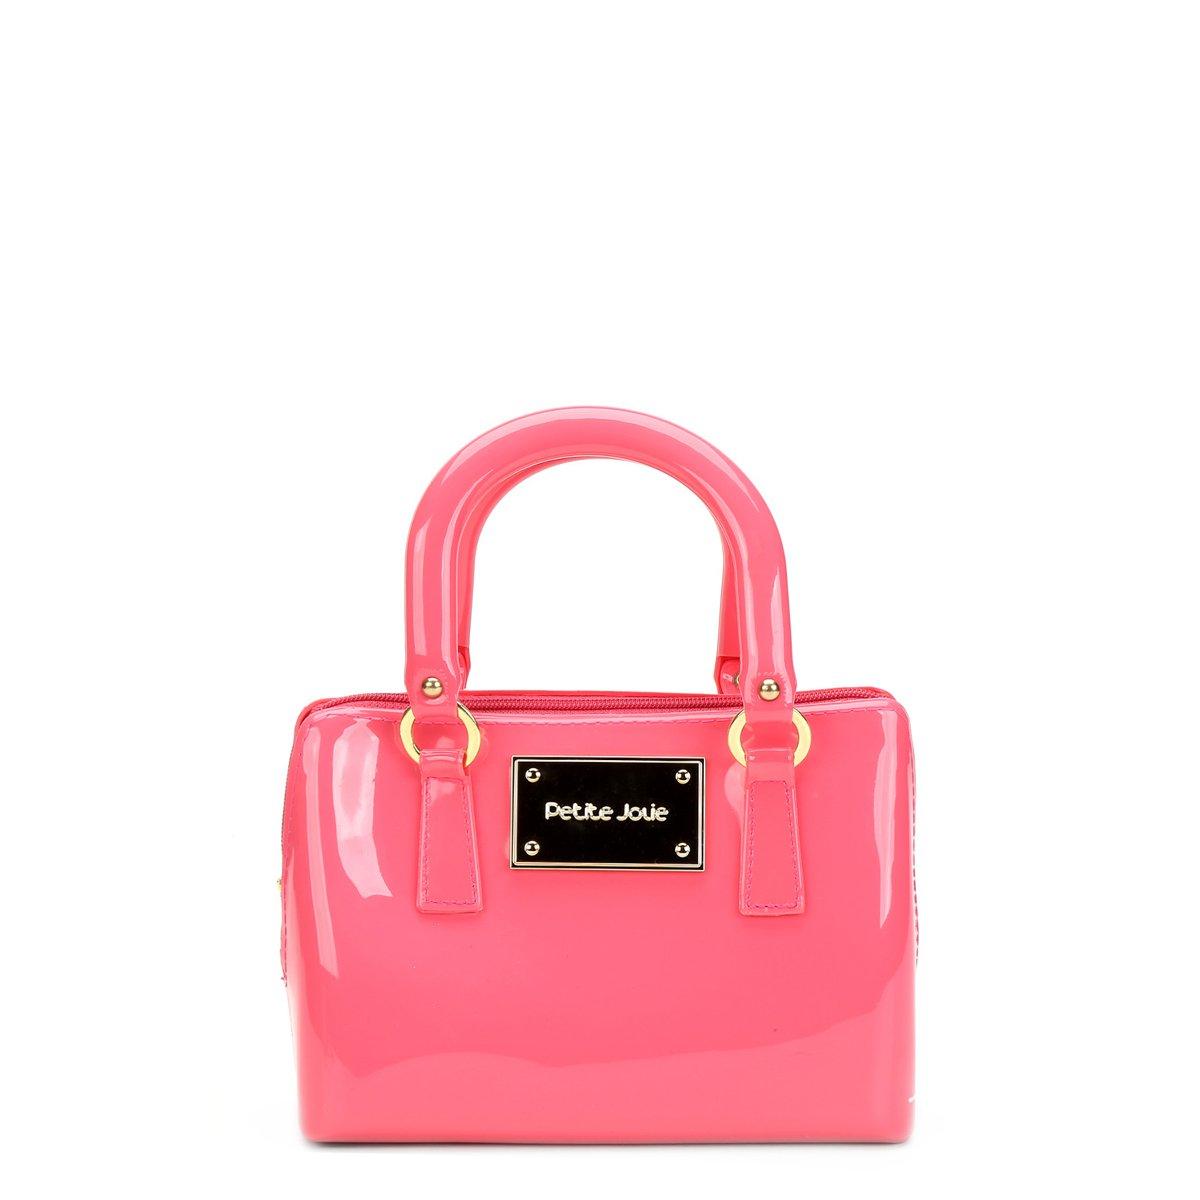 Bolsa De Mão Petite Jolie : Bolsa petite jolie mini bag al?a corrente pink